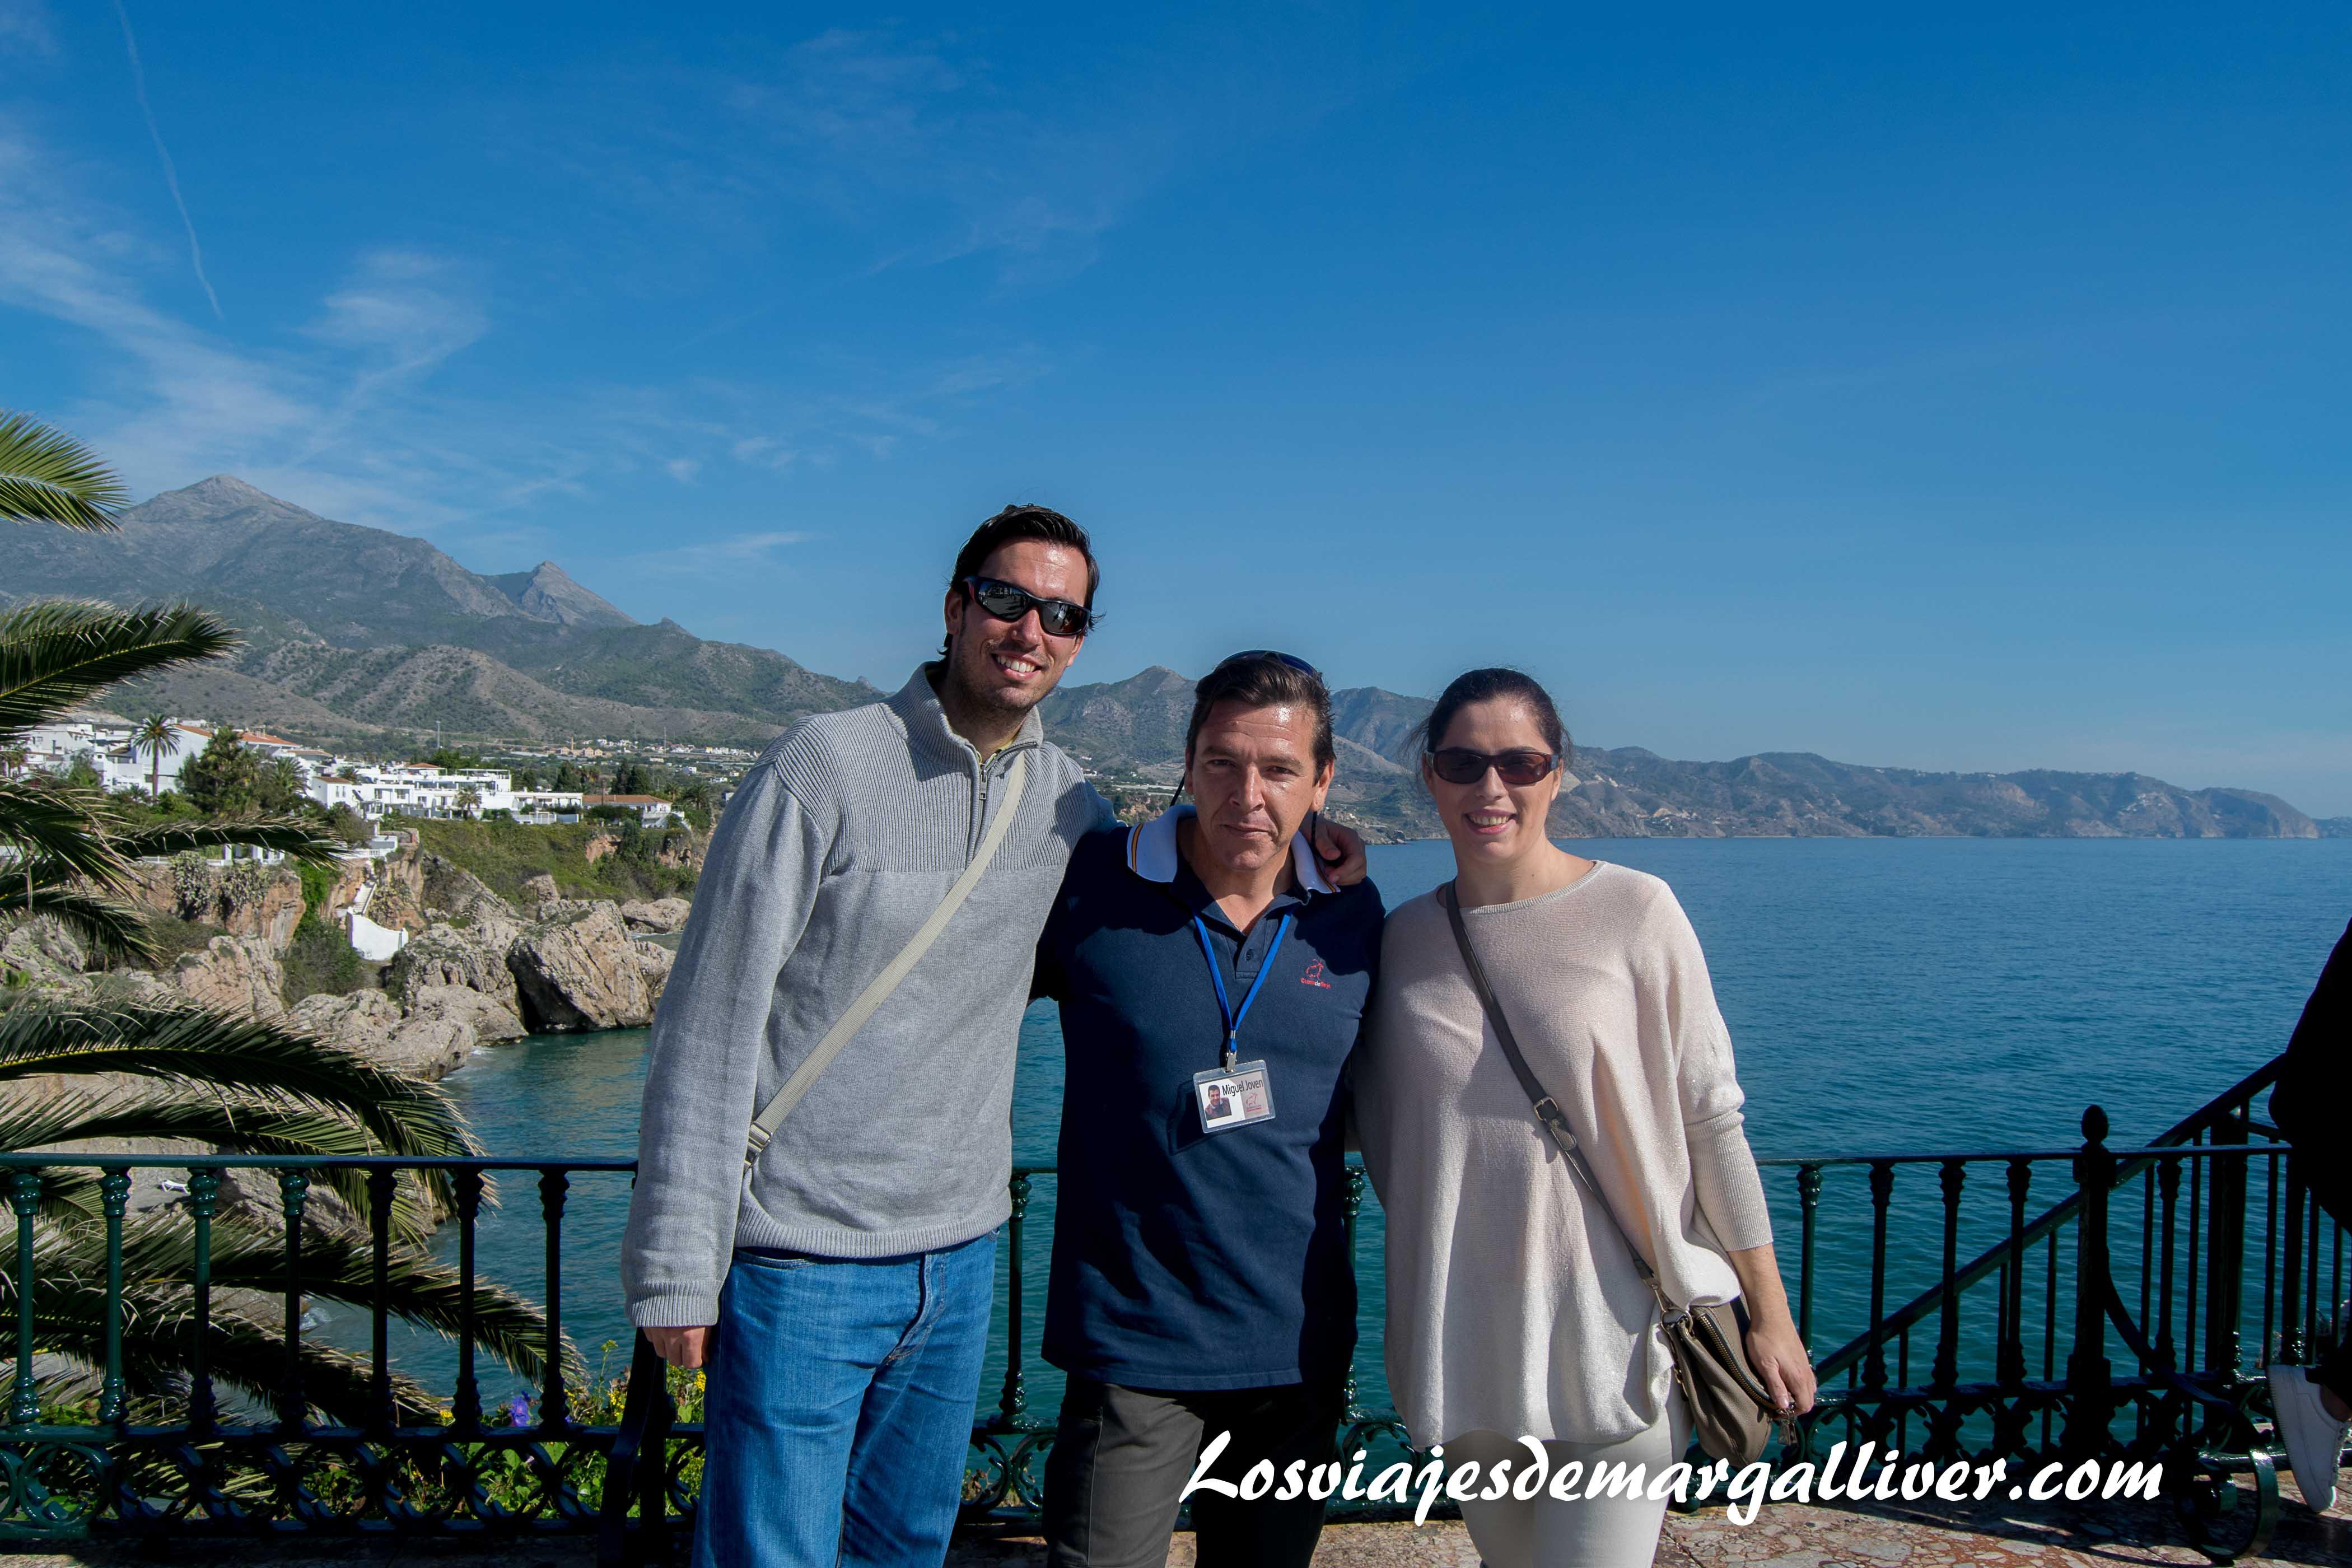 En el balcón de Europa con Tito de Verano Azul en Nerja - Los viajes de Margalliver